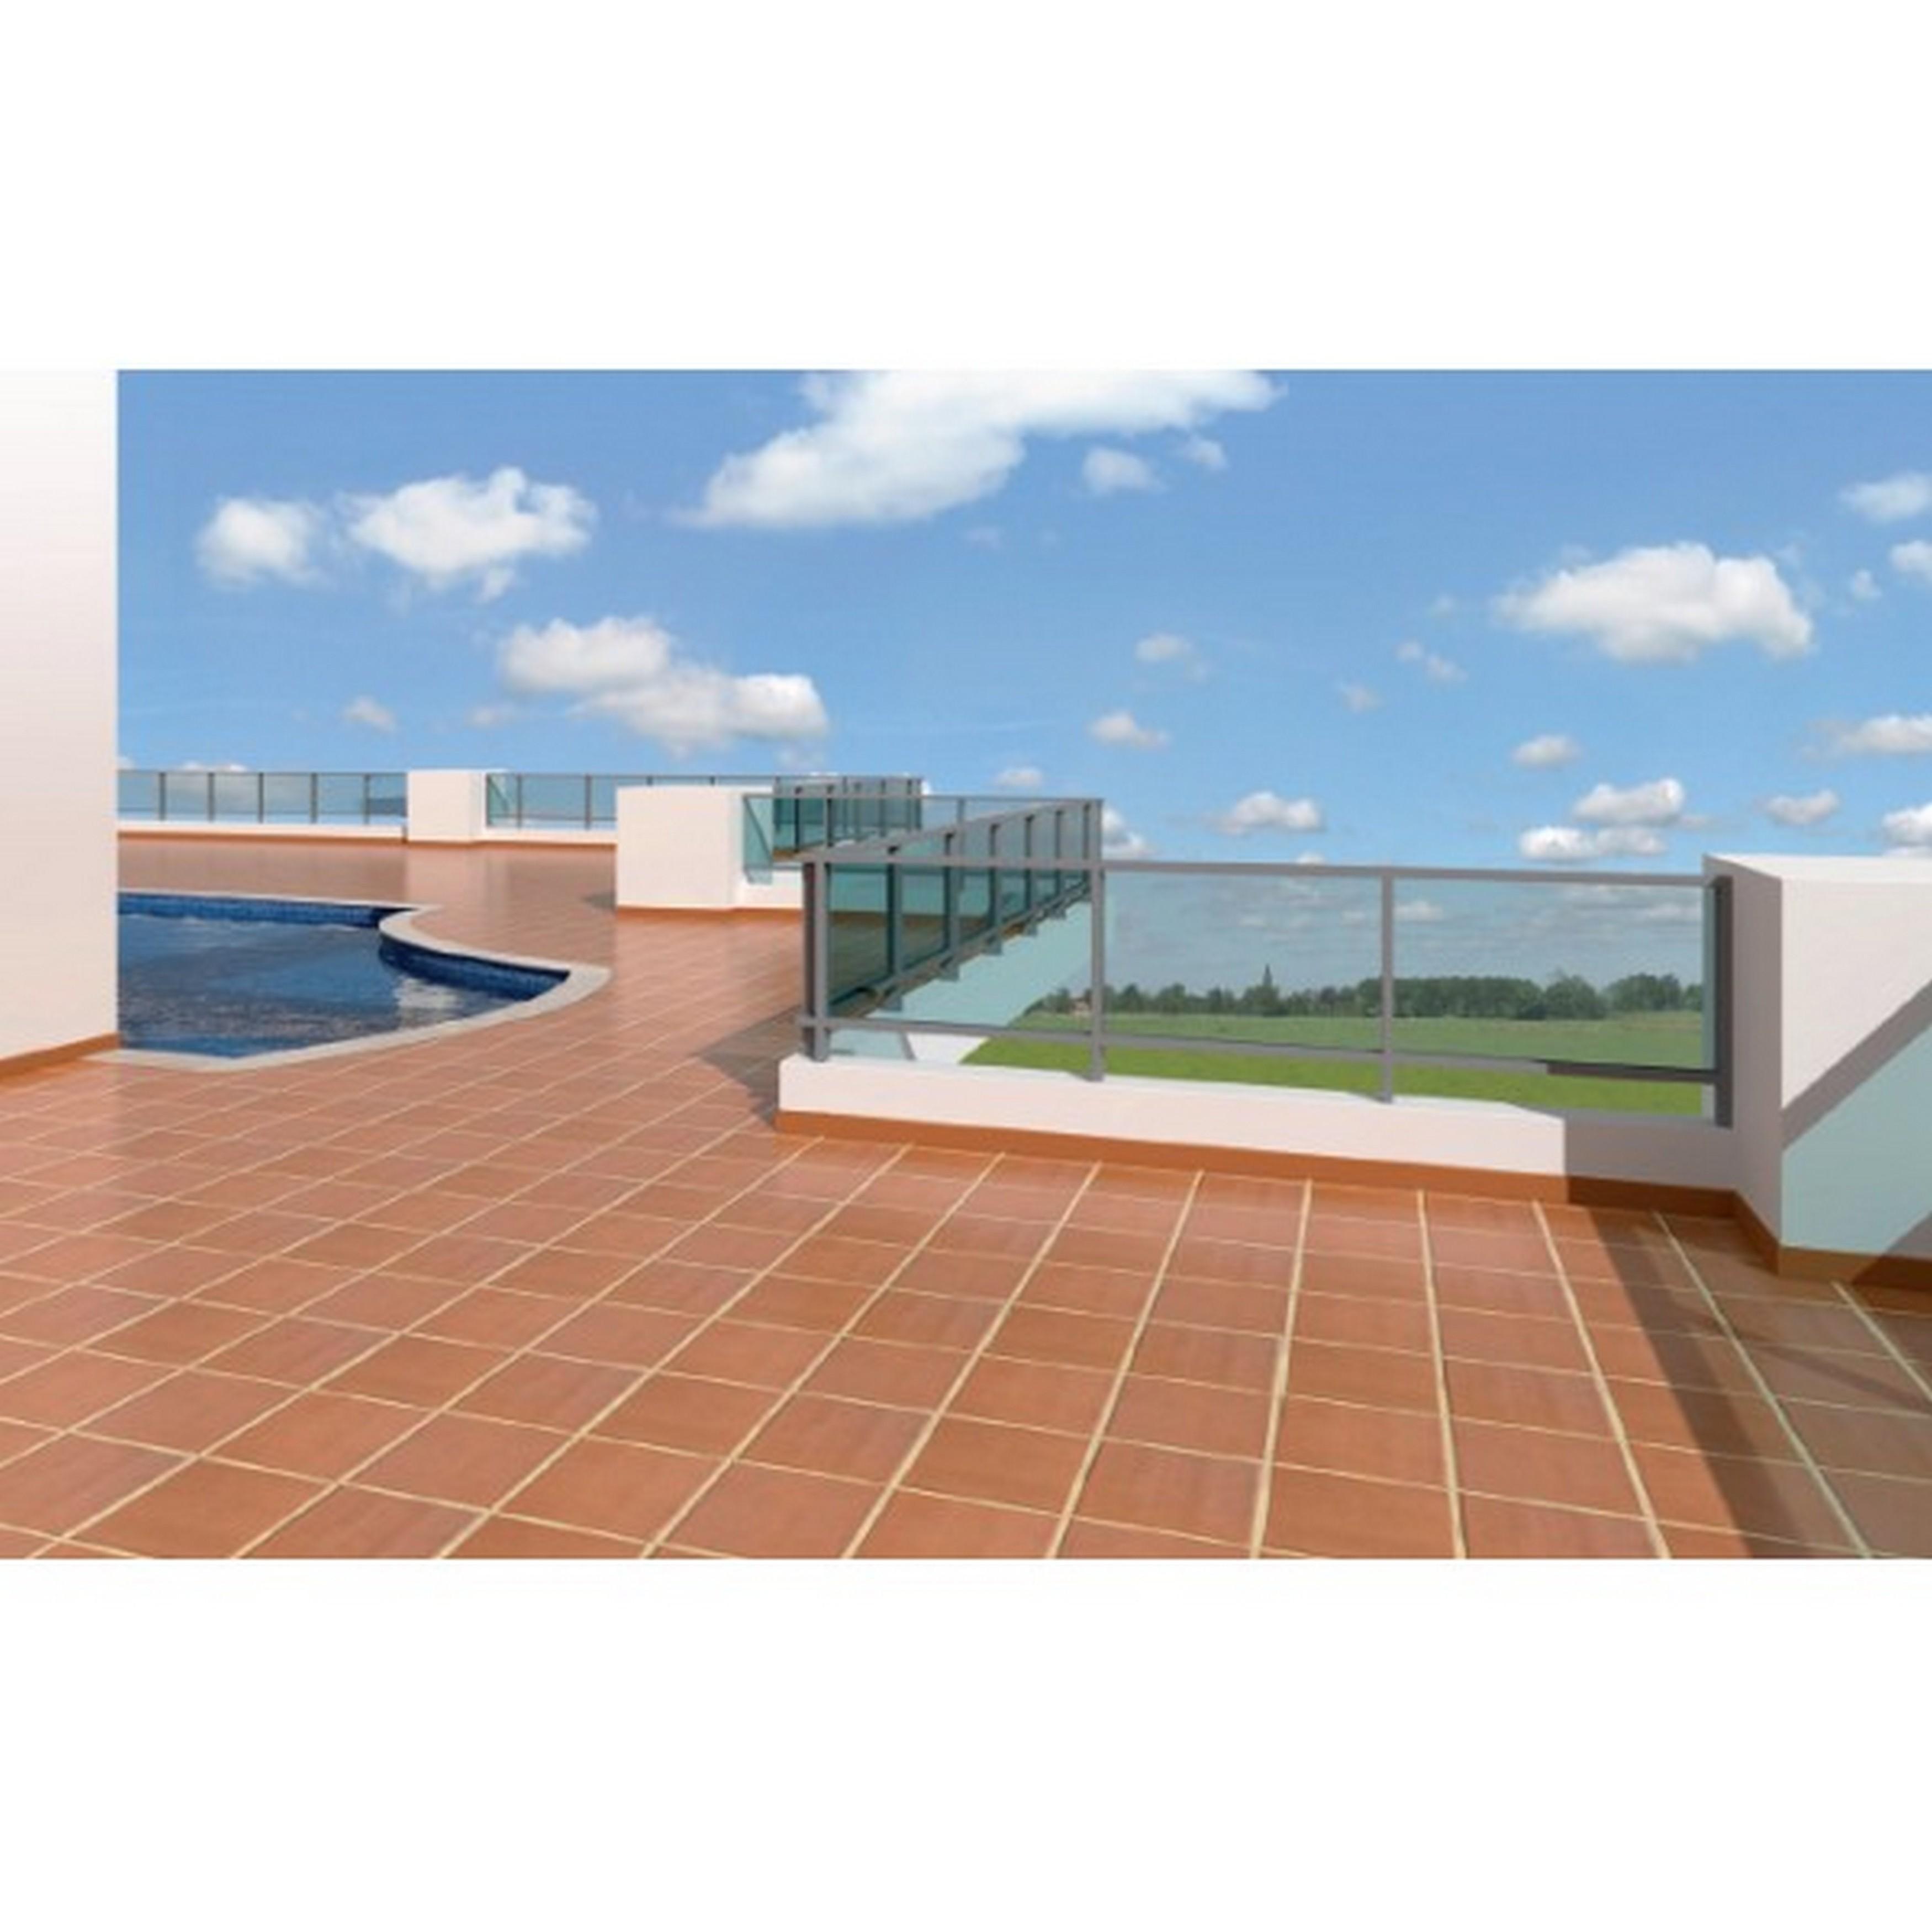 Protettivo salva piastrelle per terrazzo pro tiler kit da - Impermeabilizzante per piastrelle ...